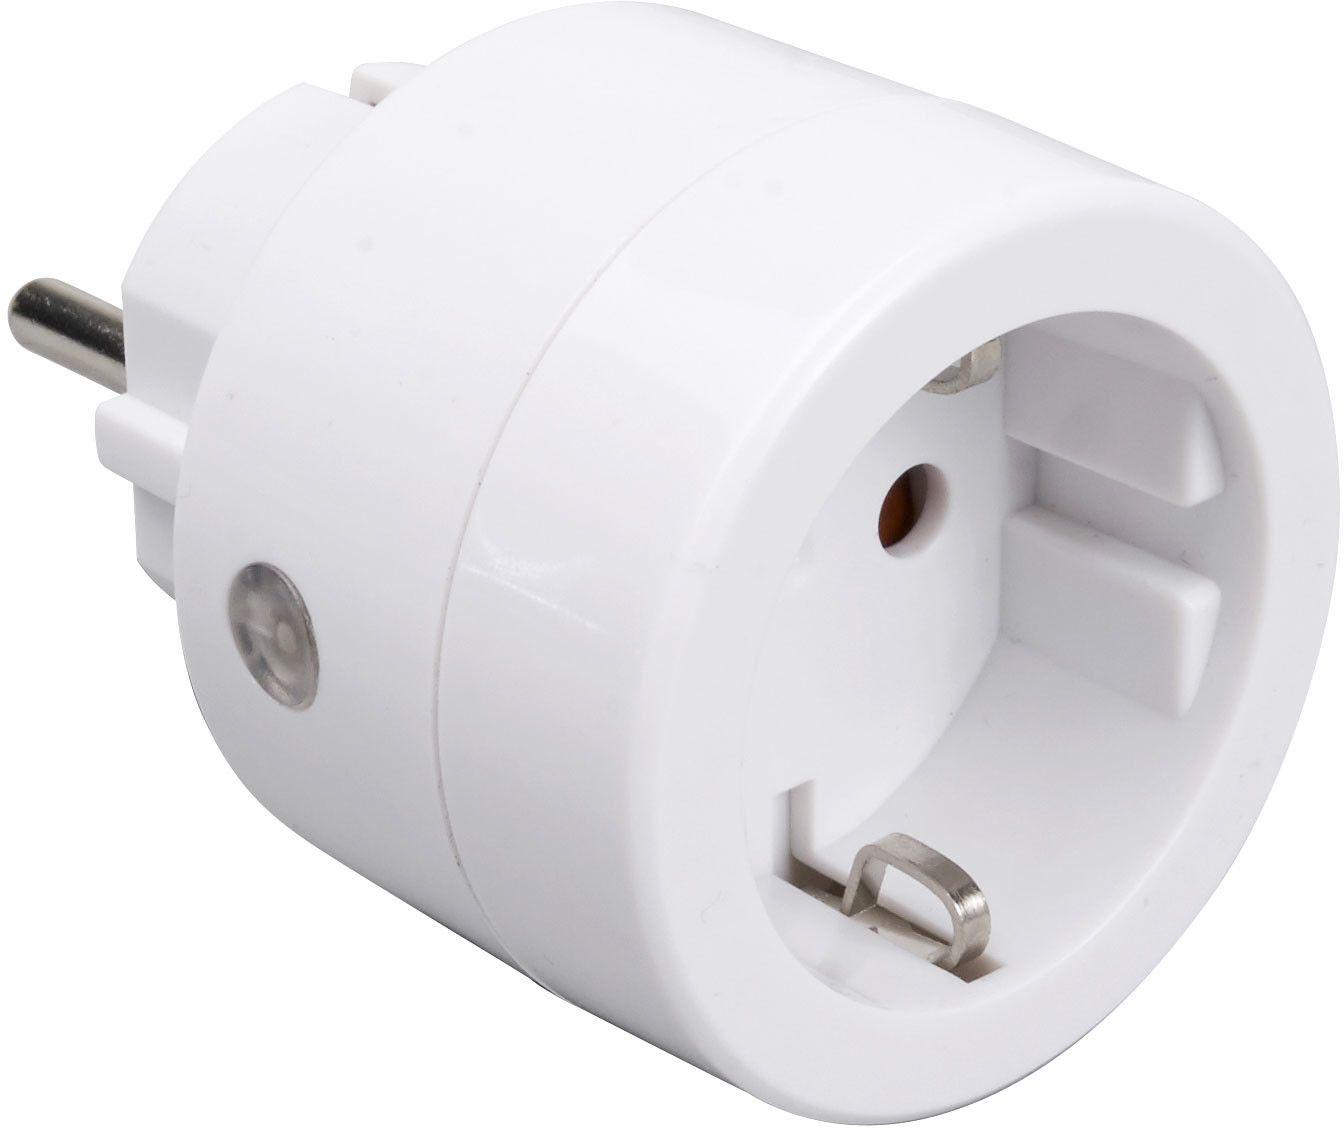 Telldus Plug-In Slim Outlet (av/på)